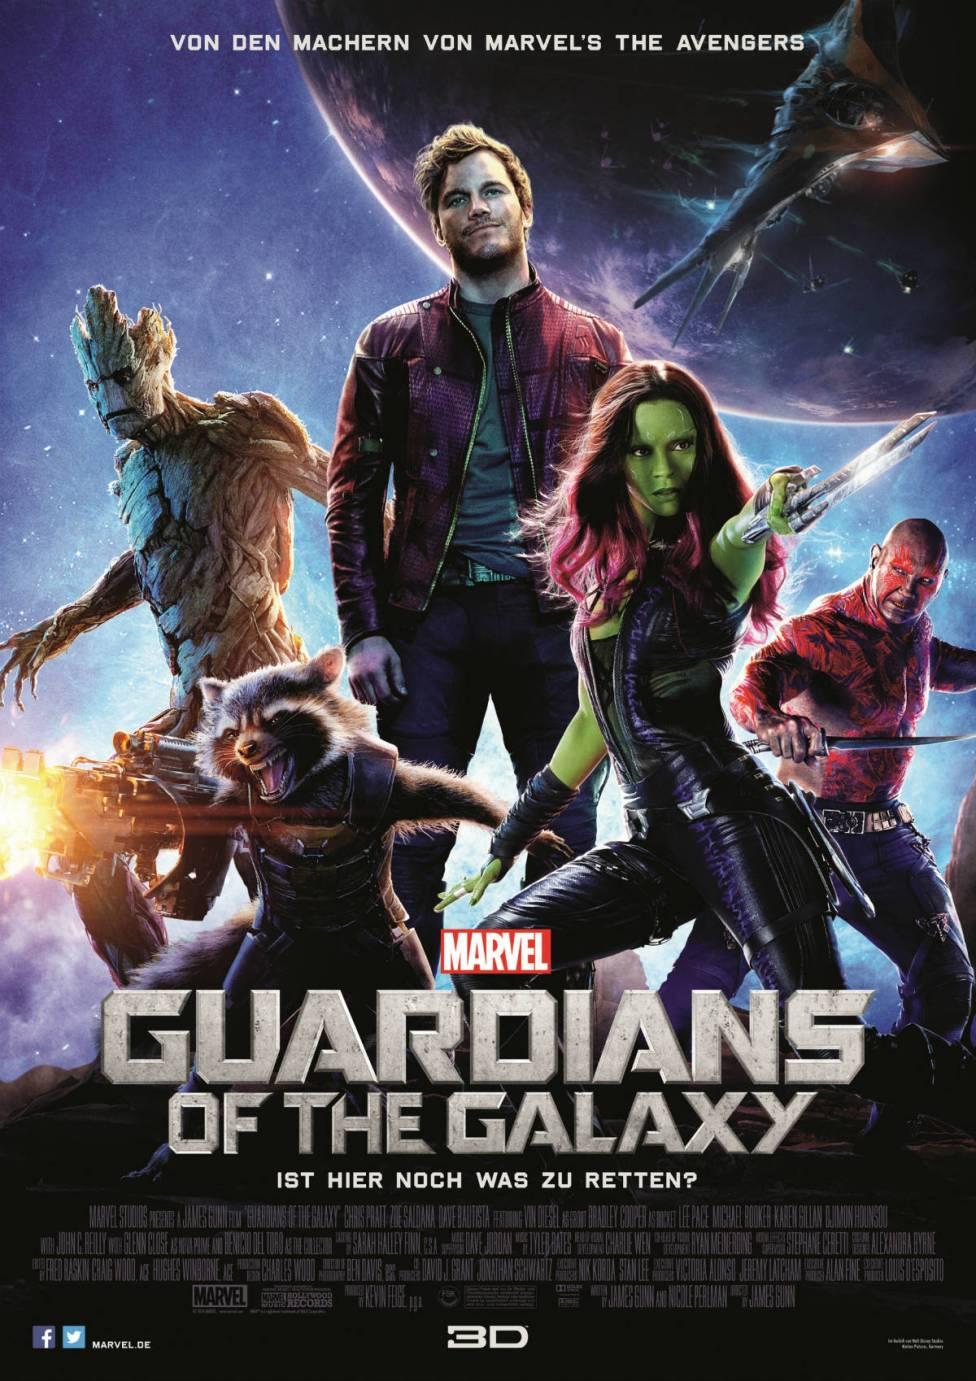 Guardians-of-the-galaxy-3d-deutsches-poster-ist-hier-noch-was-zu-retten